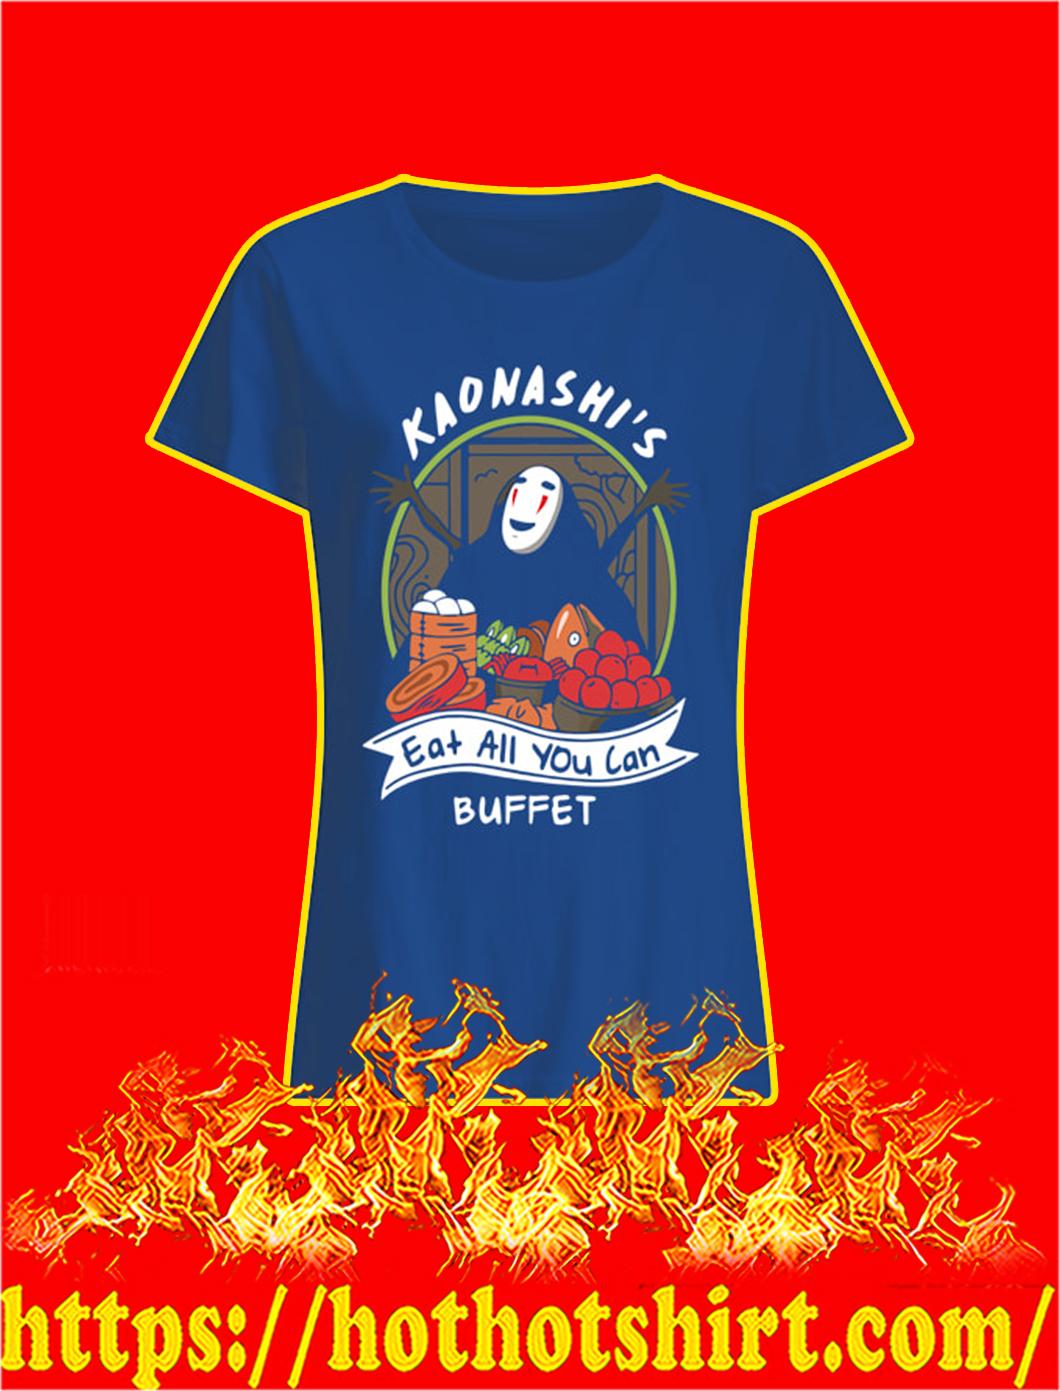 Kaonashi's Eat All You Can Buffet lady shirt